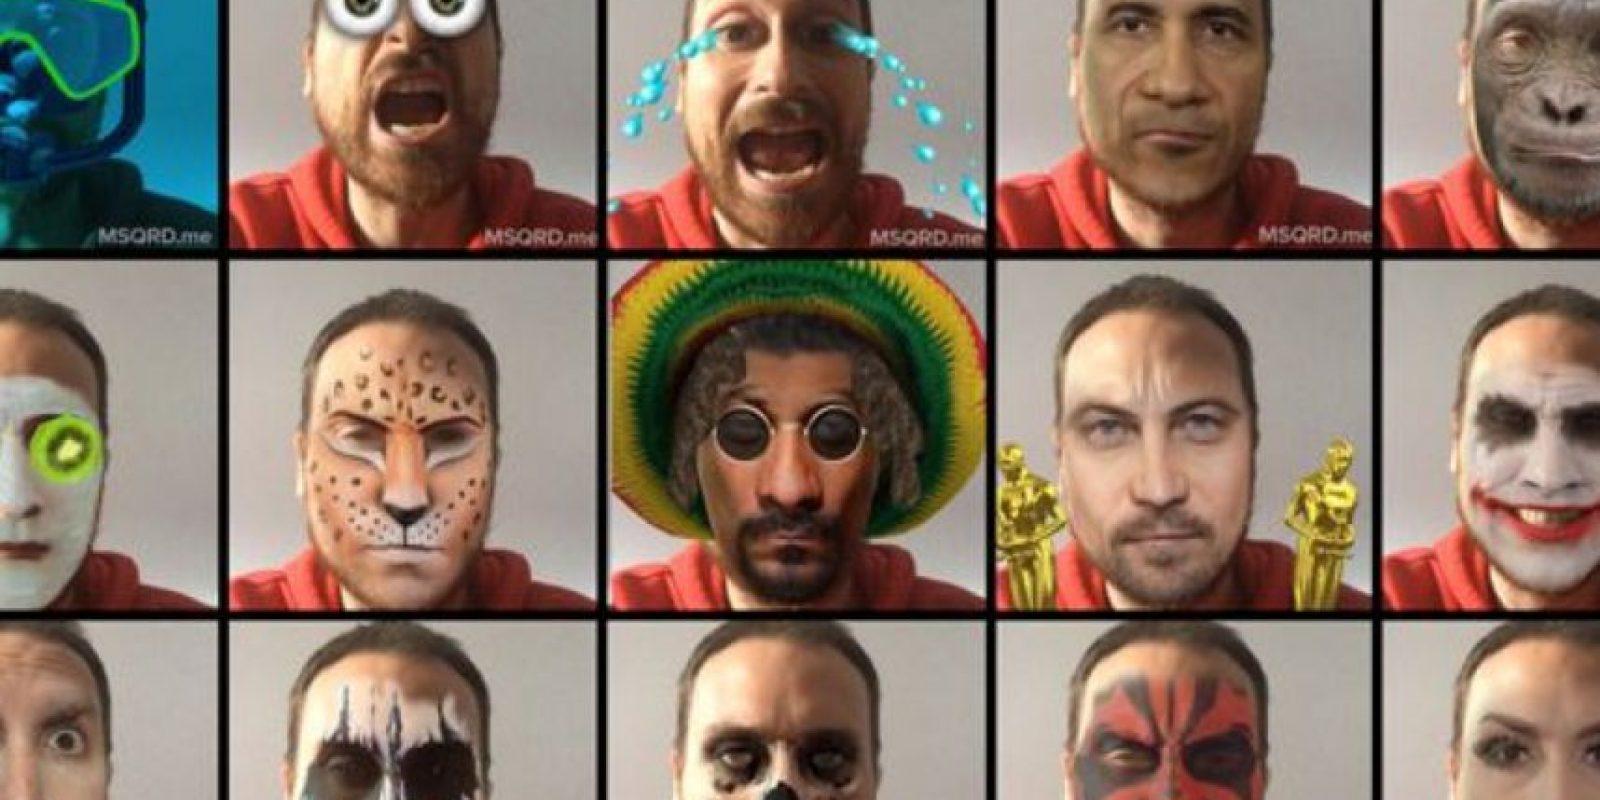 Bowie, Joker, Mimi, calavera y otros filtro más. Foto:Masquerade